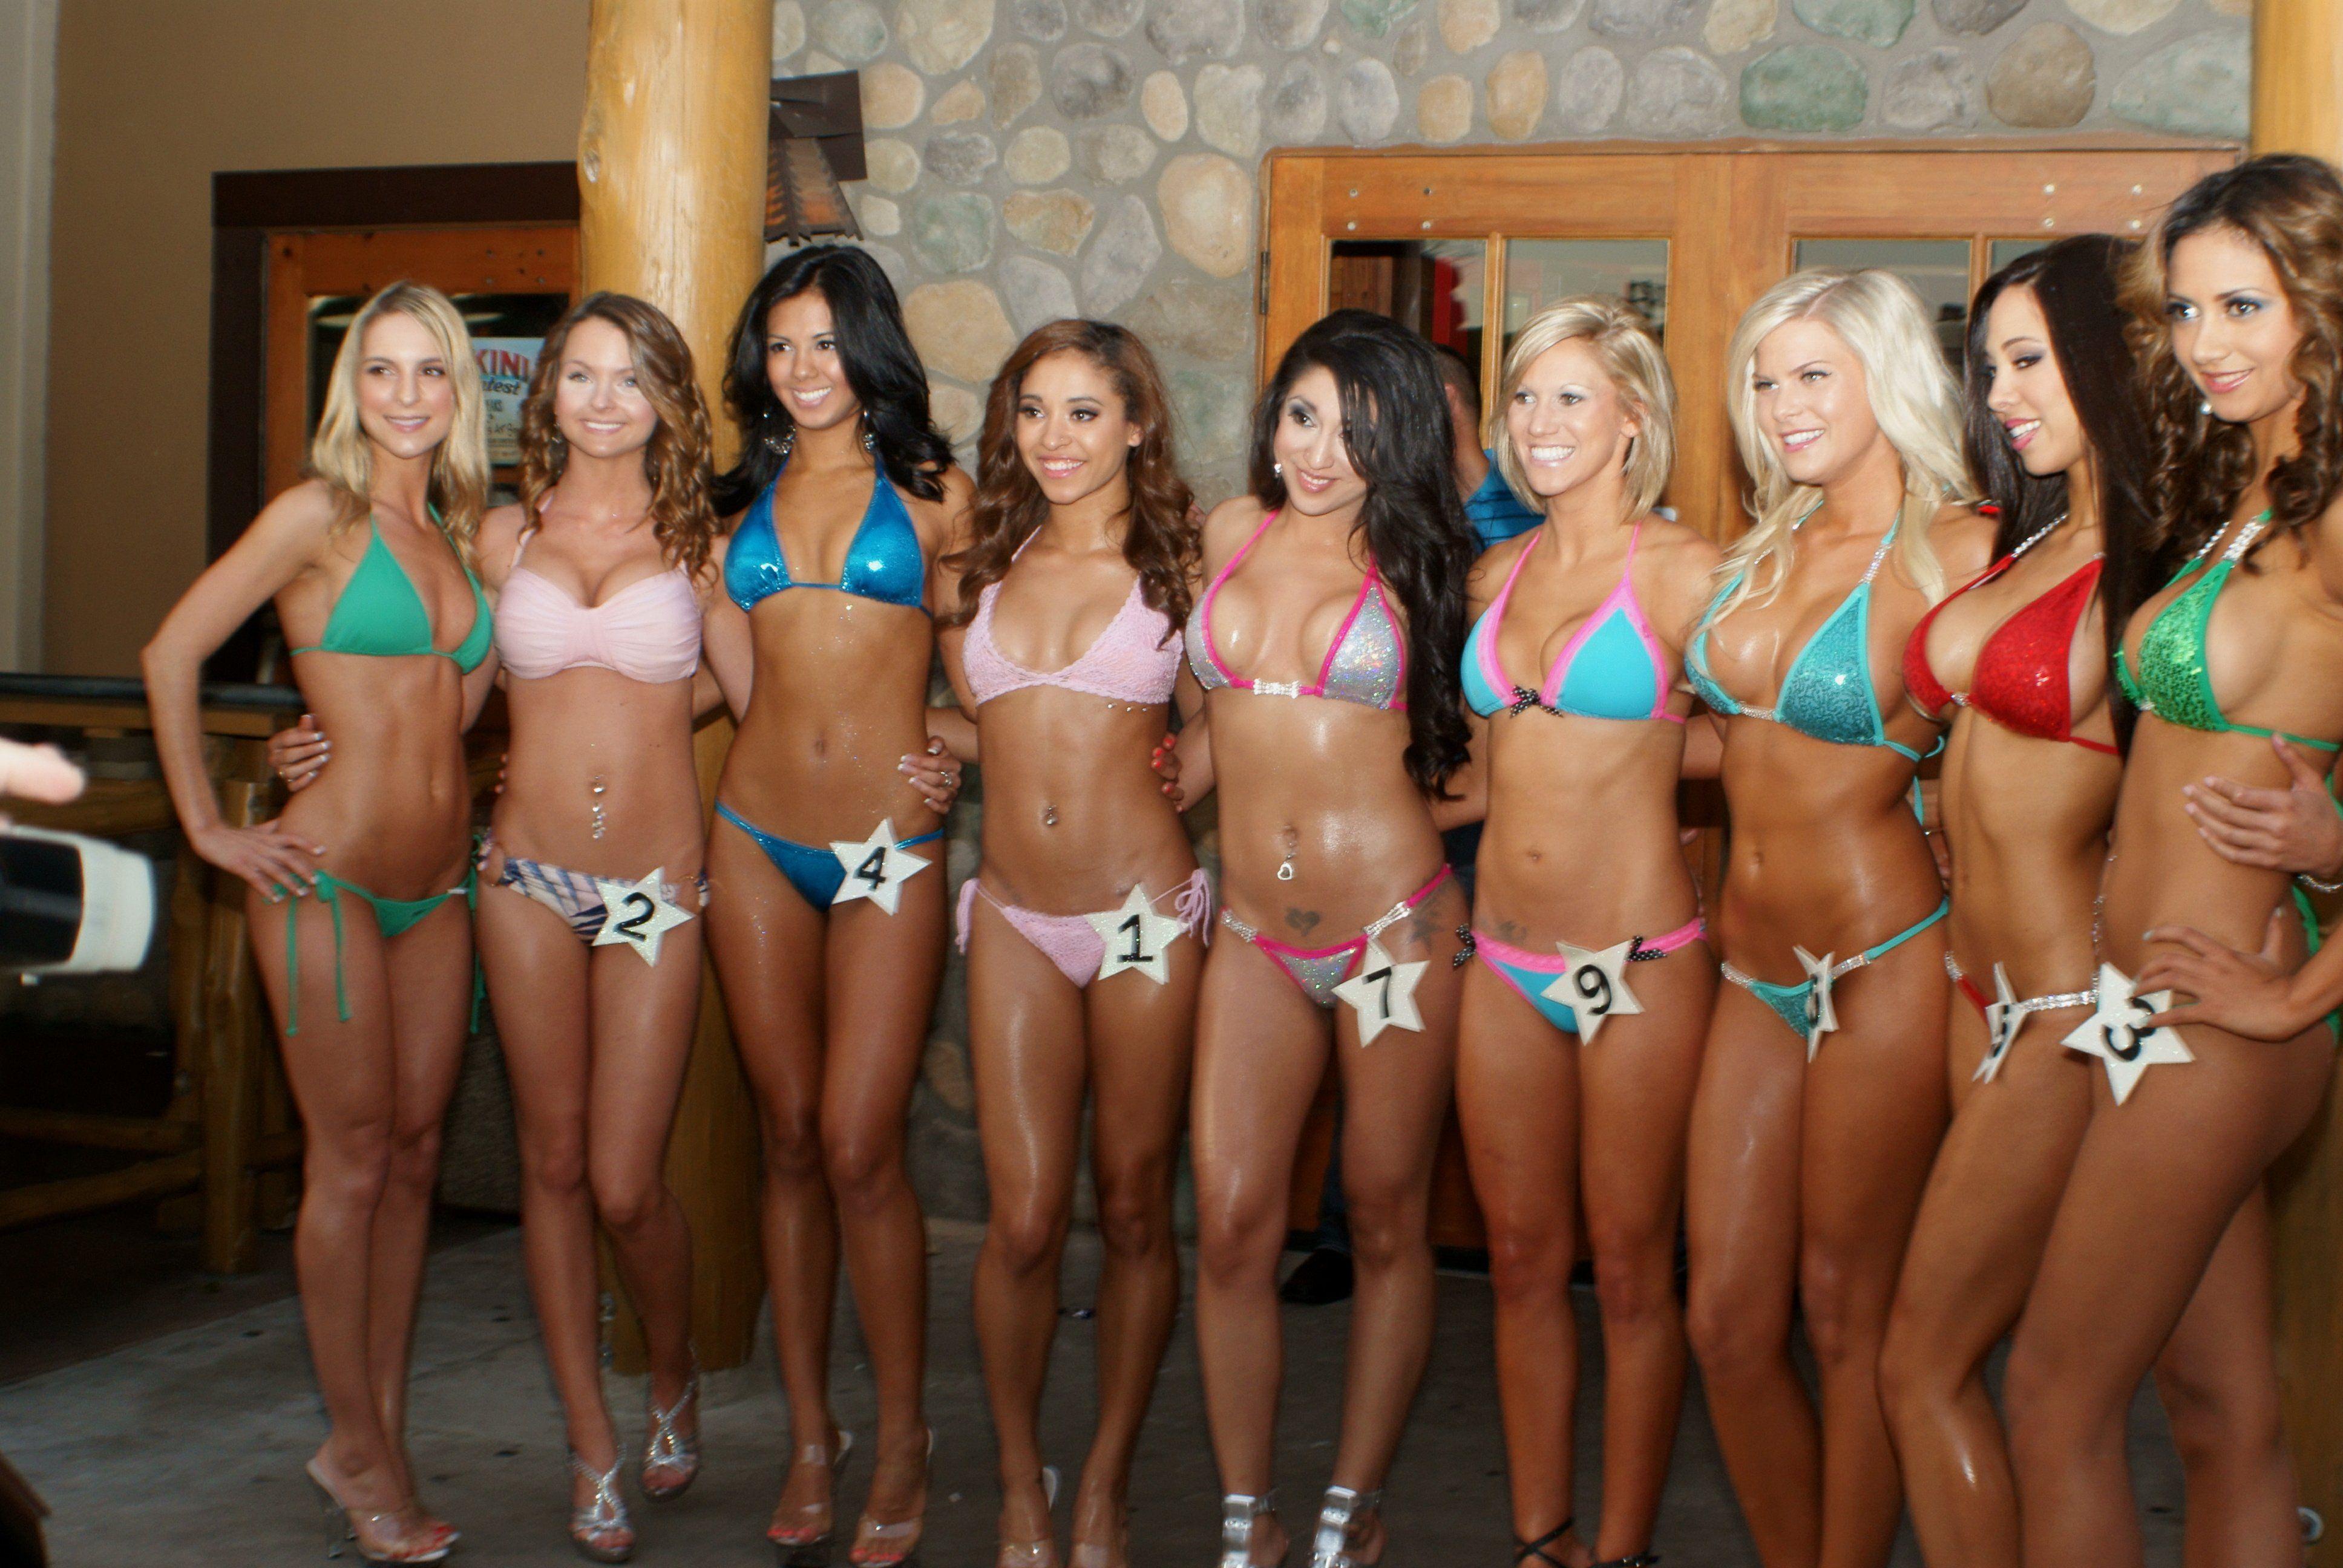 Reno recommend best of New bikini contest